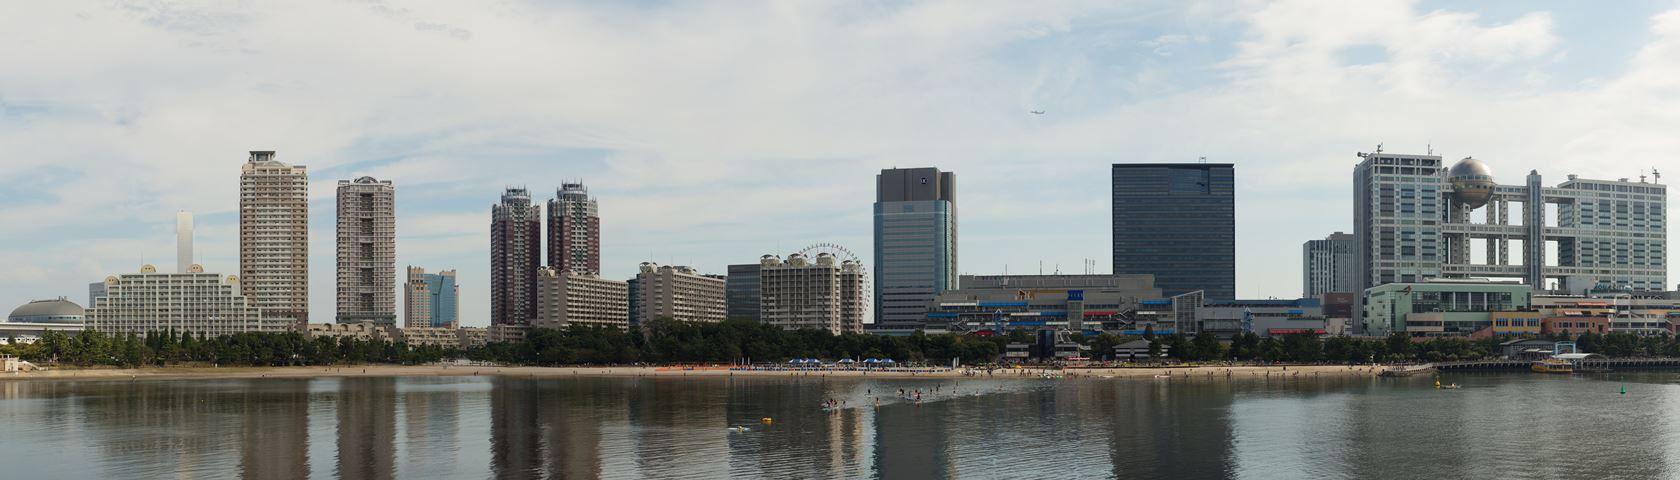 Odaiba City View